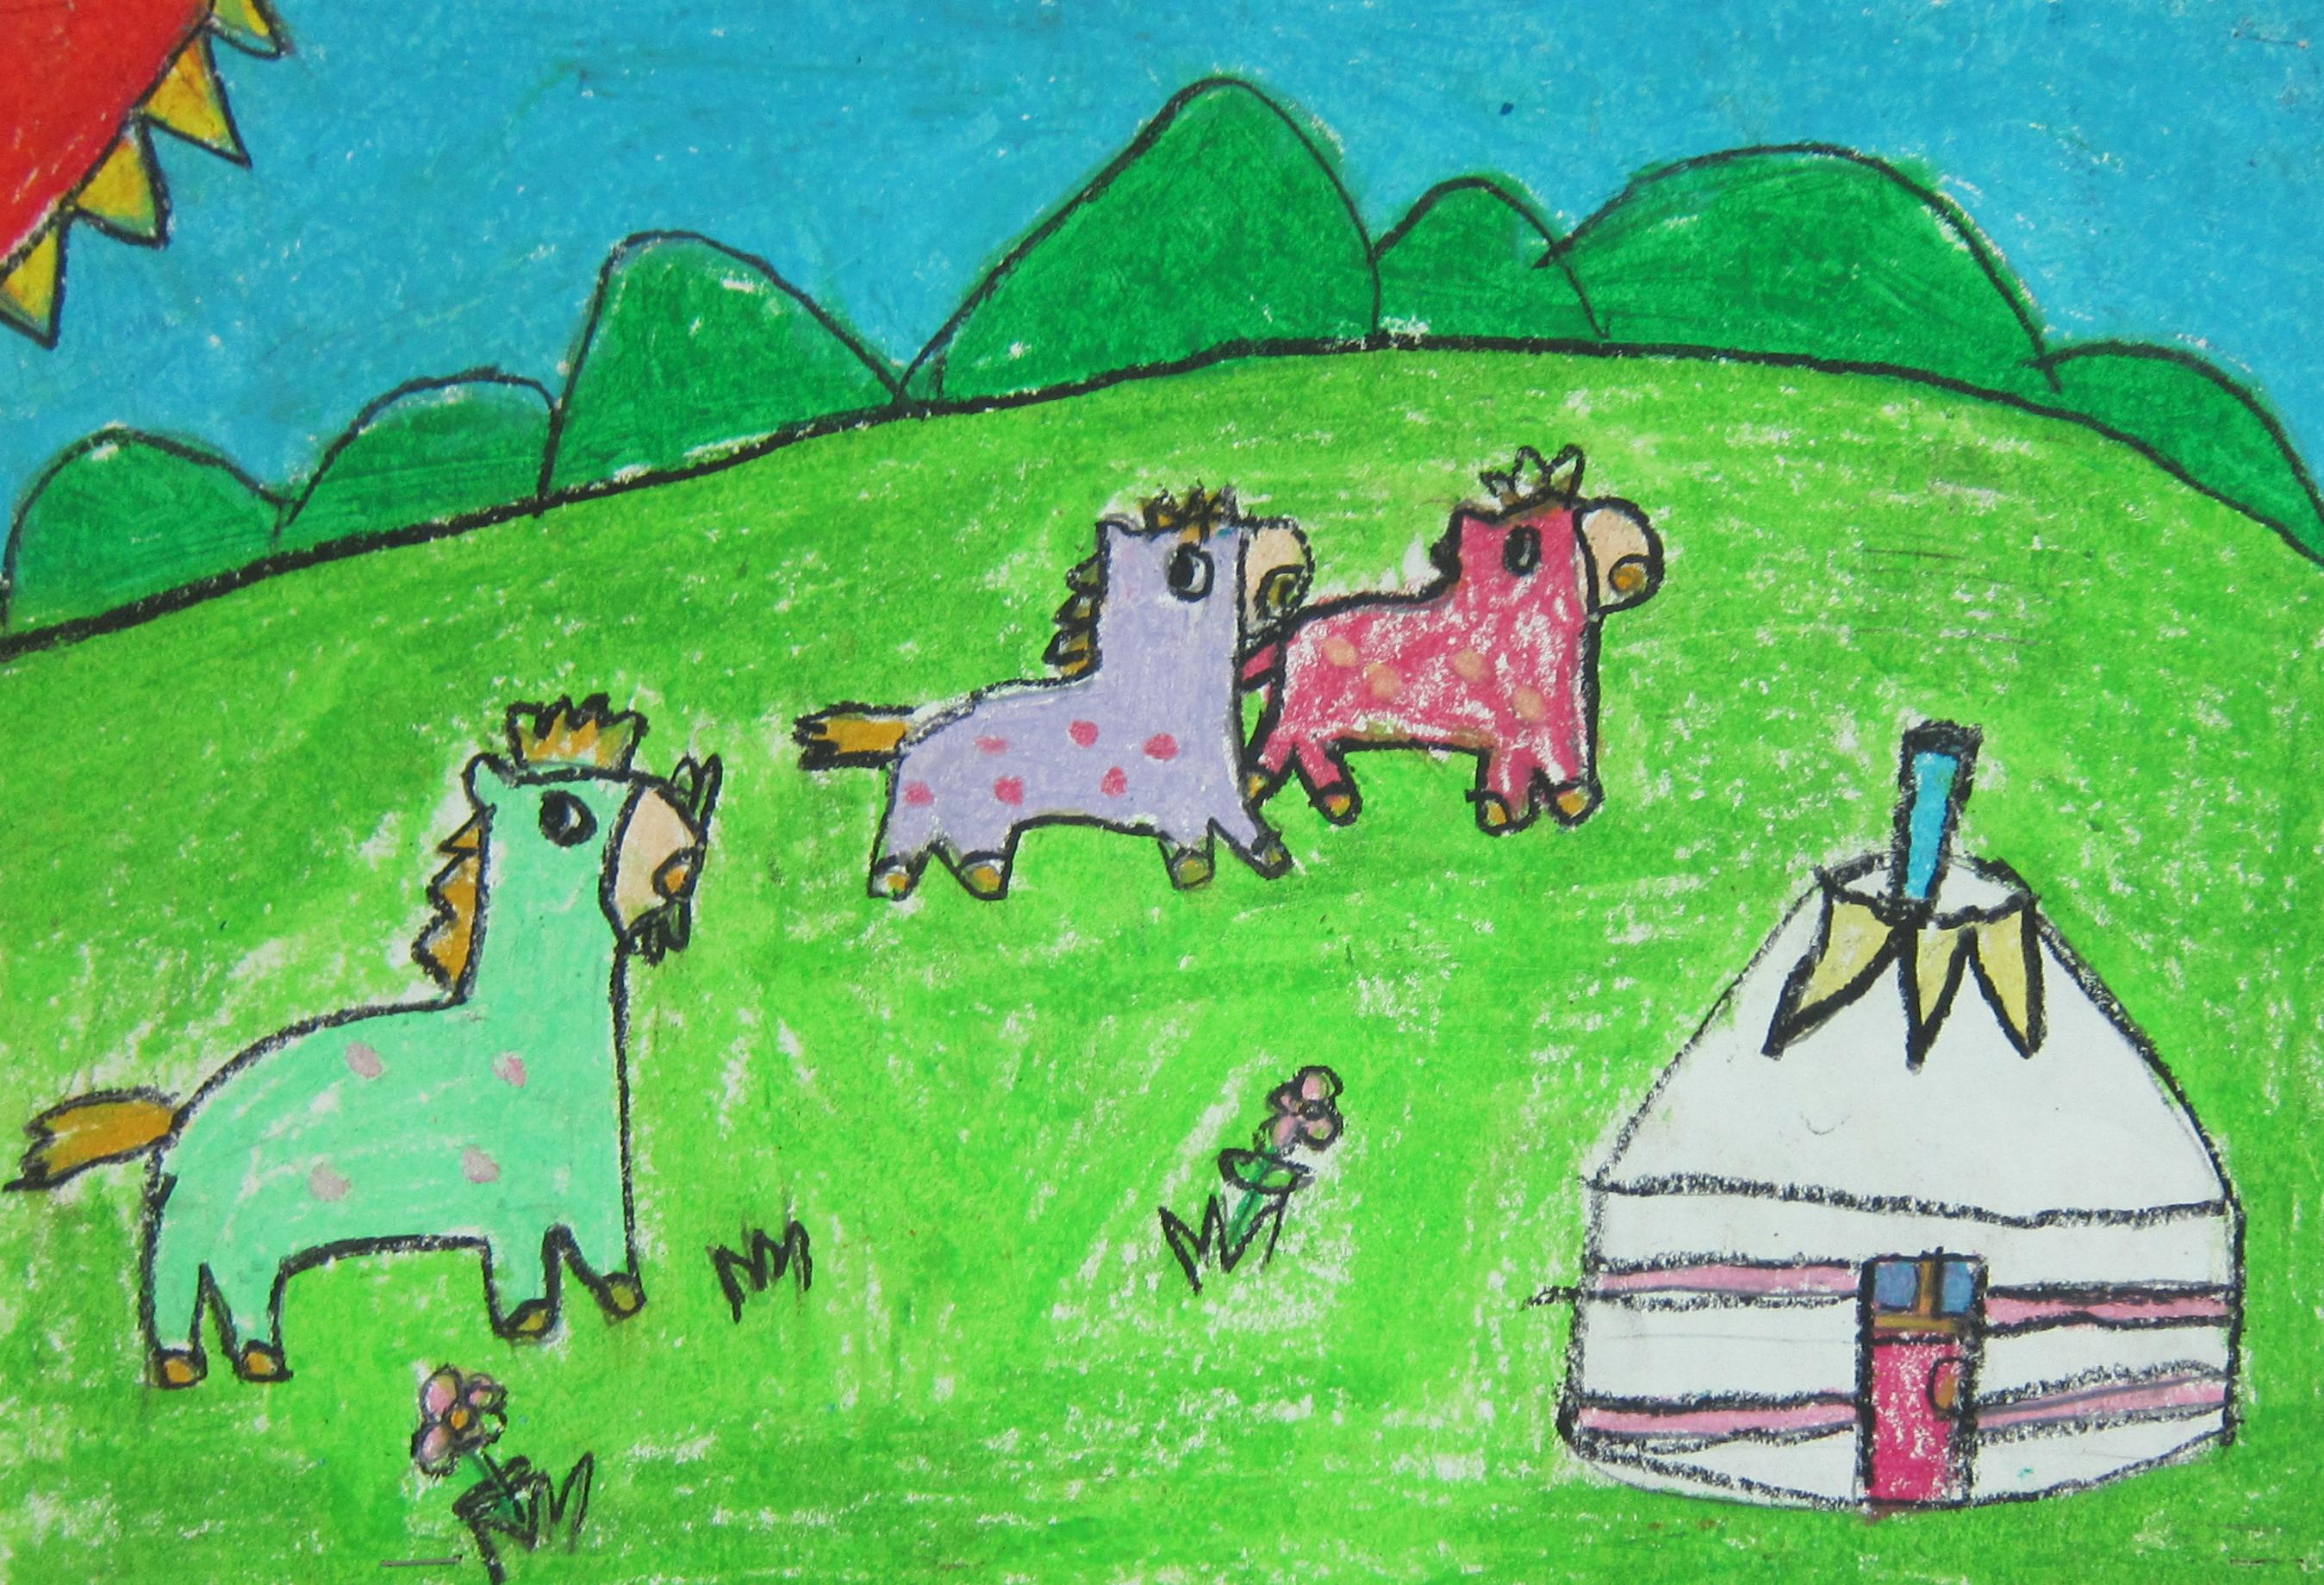 牧场-萨日娜 - 白石杯-青少年书画大赛优秀作品